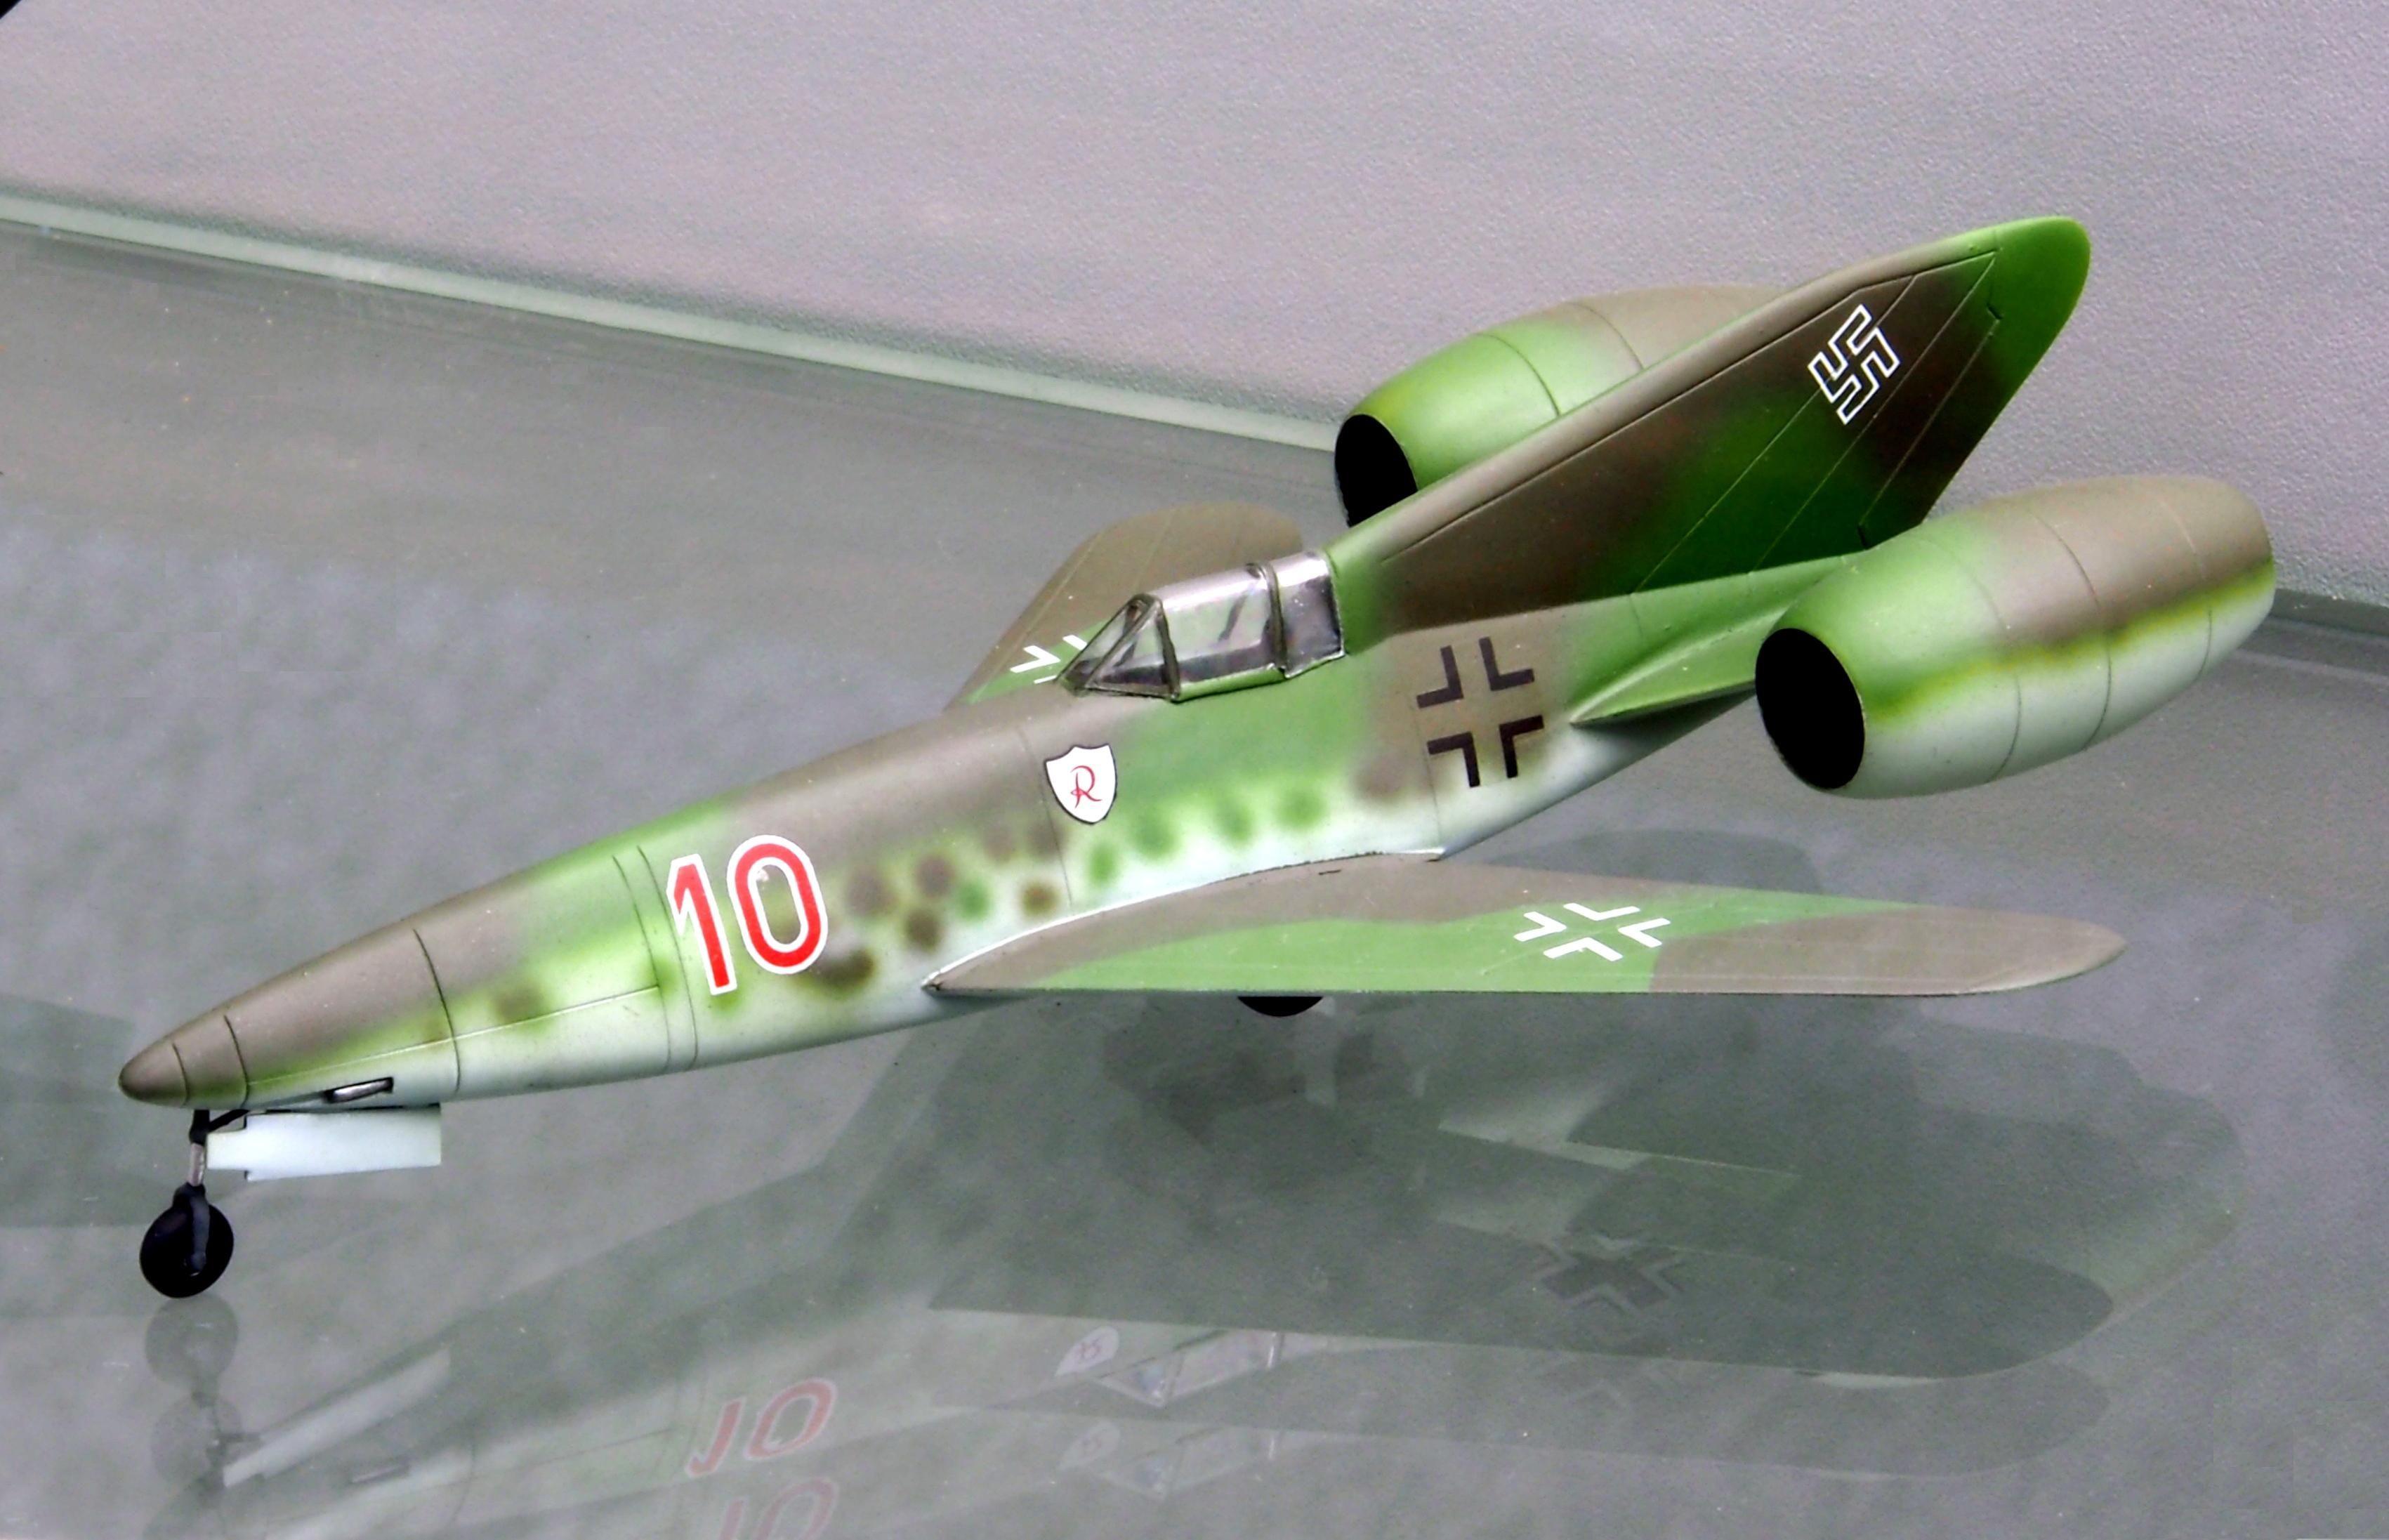 """""""The Focke-Wulf Ta 283 was a German low-wing jet interceptor designed during World War II."""""""